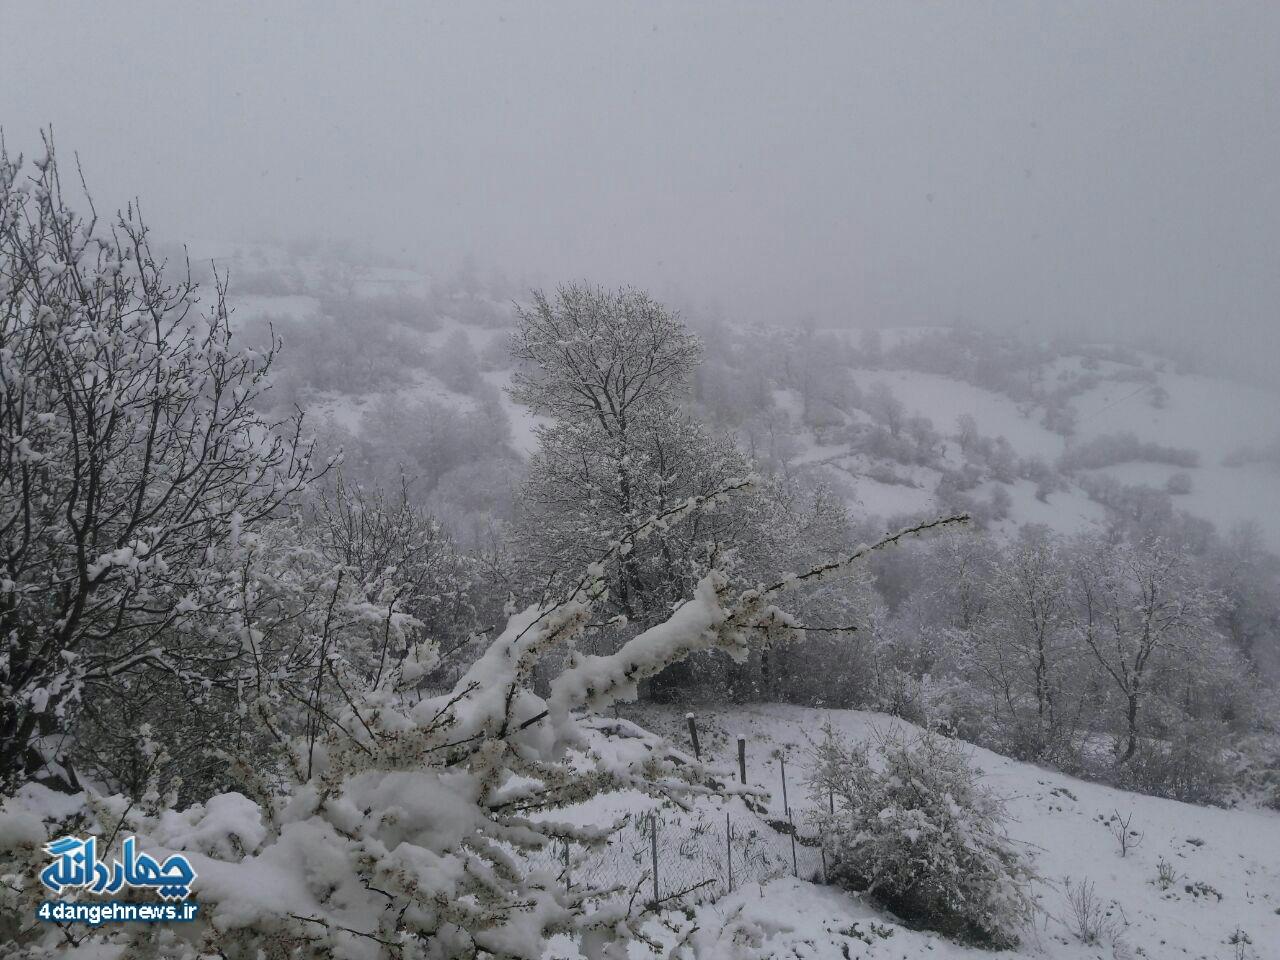 آخرین بارش برف زمستانی ارتفاعات چهاردانگه را سفیدپوش کرد